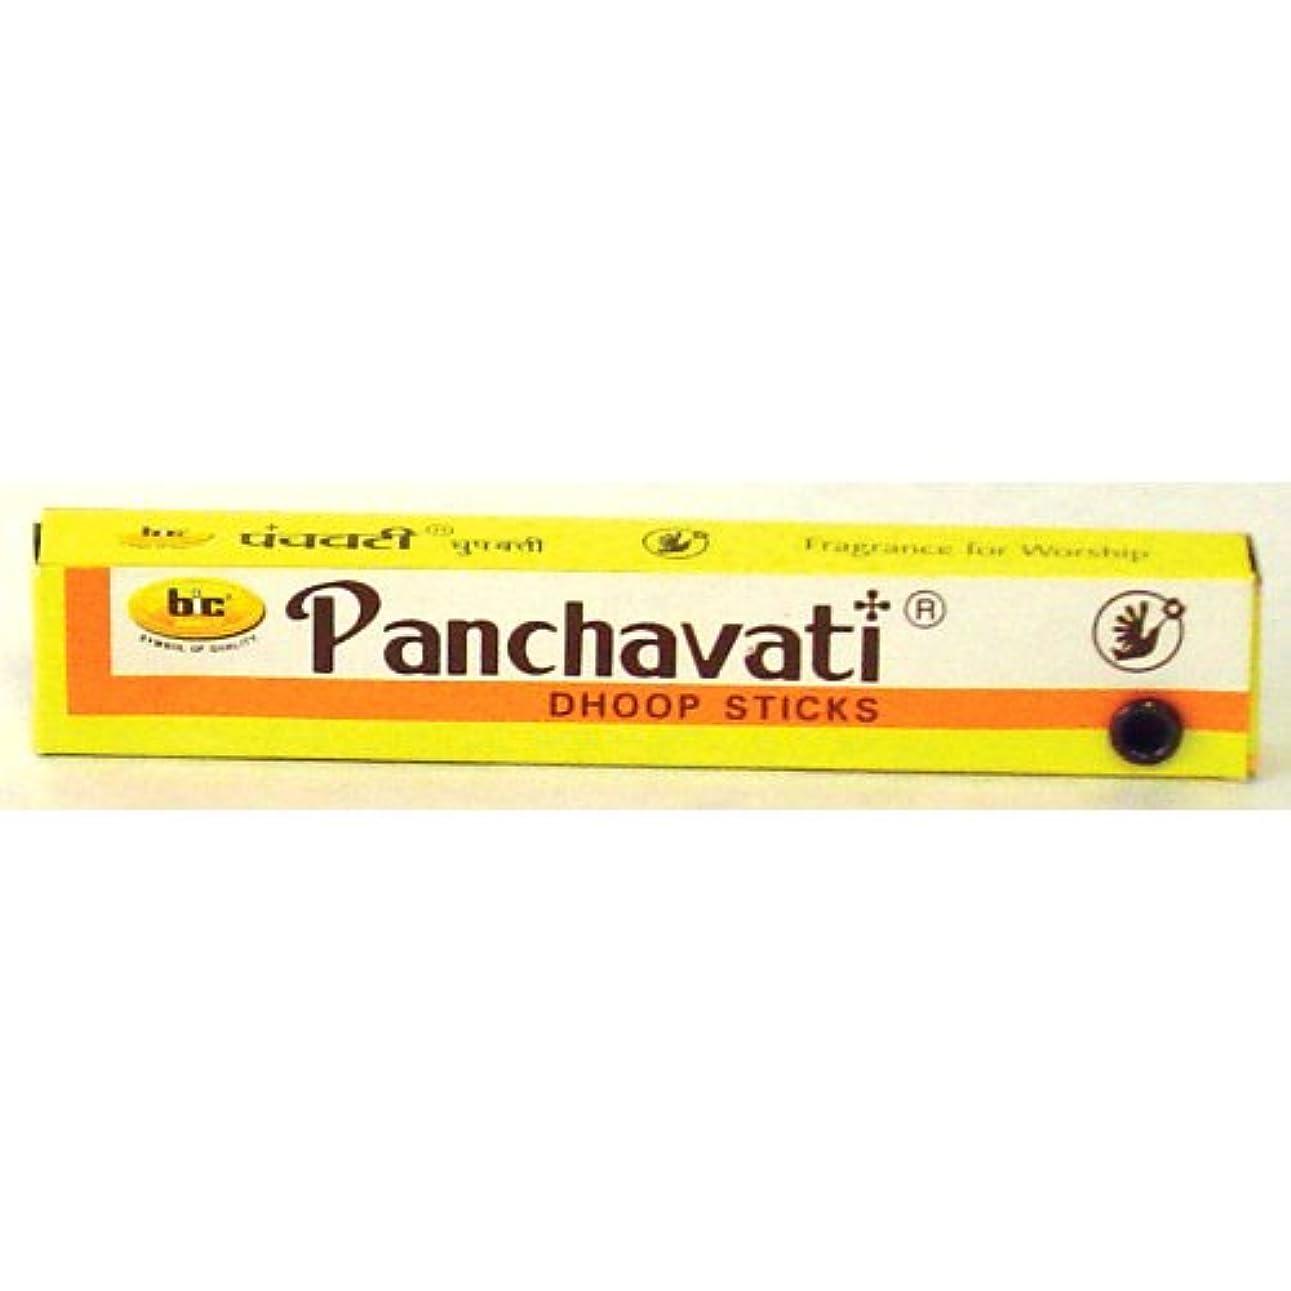 真似る海峡神経Panchavati Dhoop Sticks - One Dozen Boxes - 5 King Size by Incense